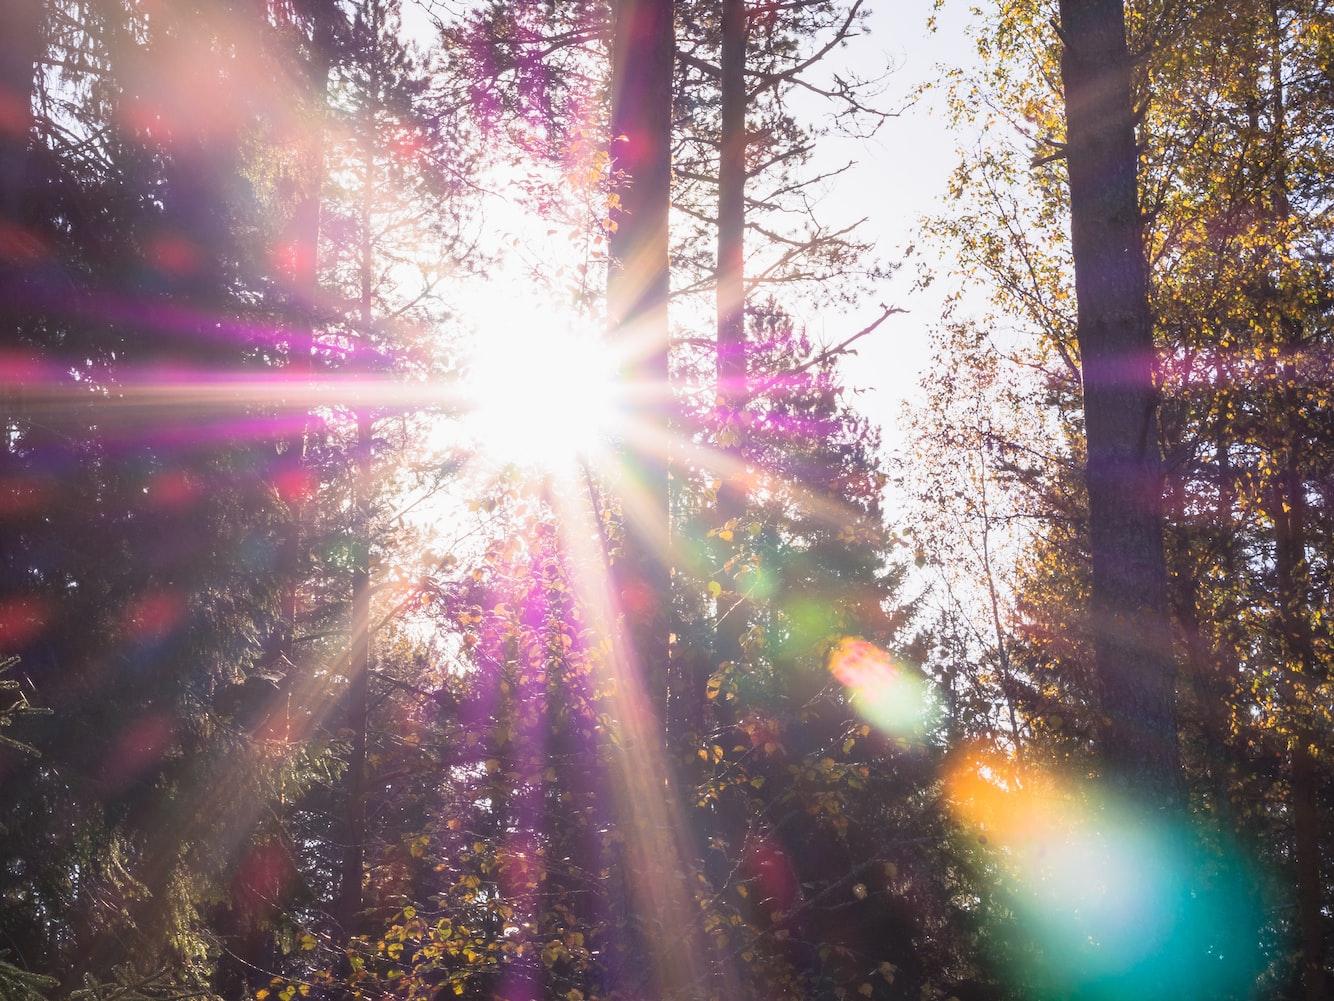 Aurinko, czyli słońce, jest często wymieniane przez adeptów fińskiego jako ich ulubione słówko.